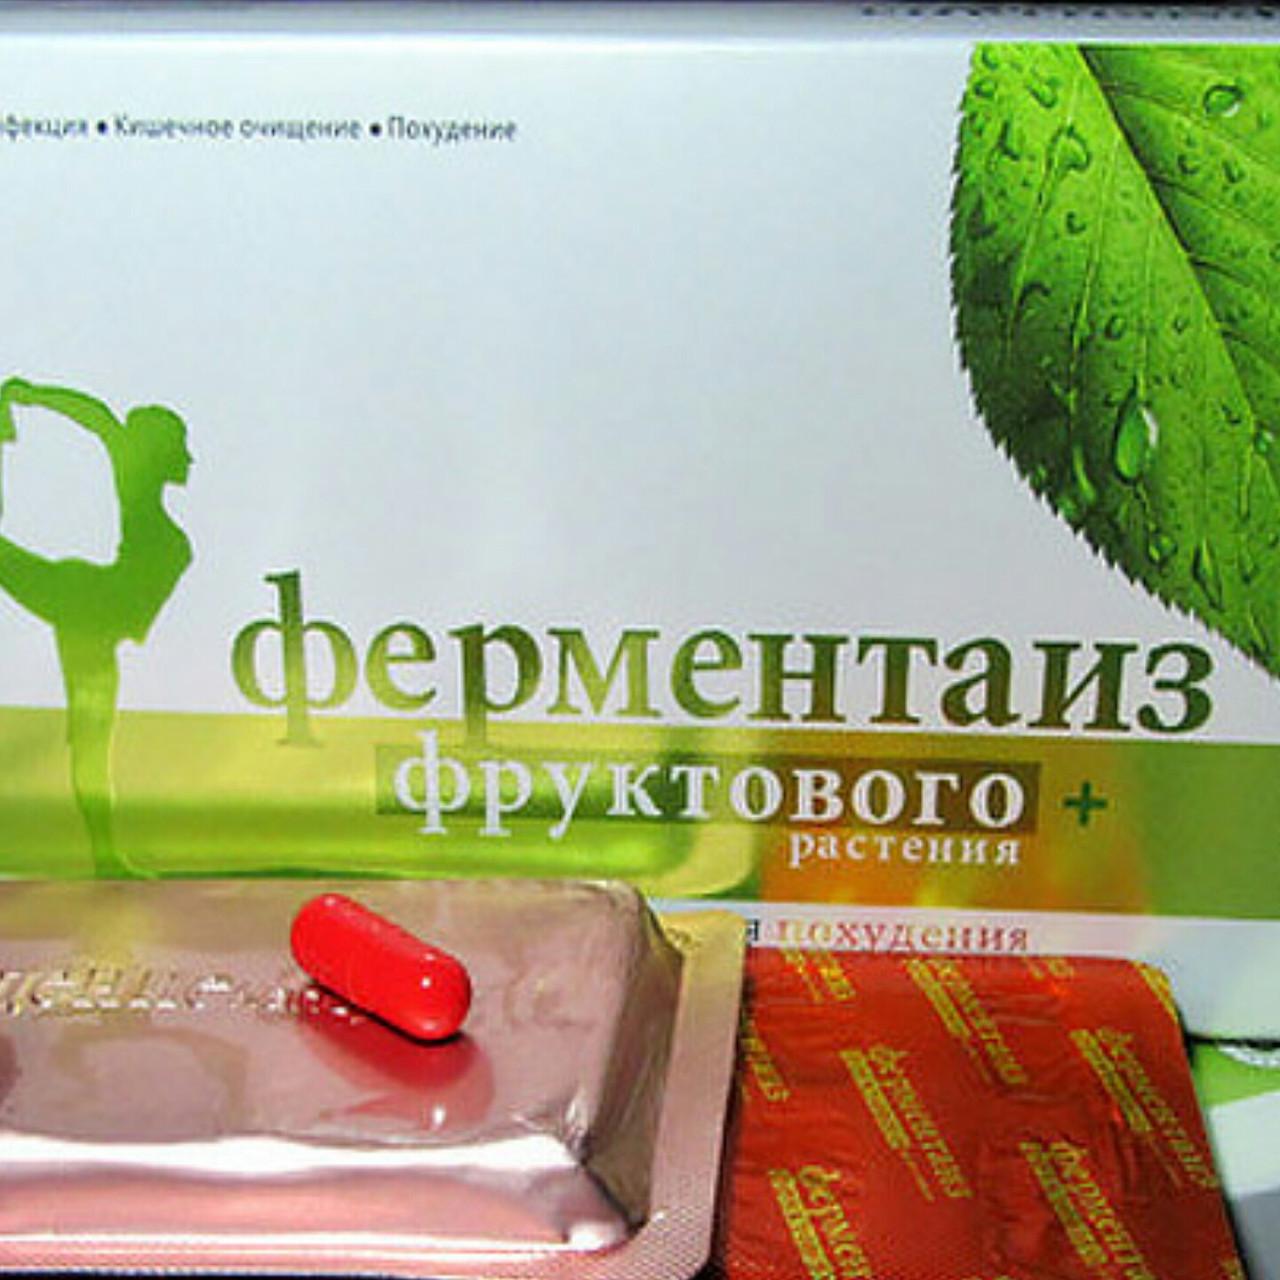 Капсулы для похудения Ферментаиз Фруктового Растения